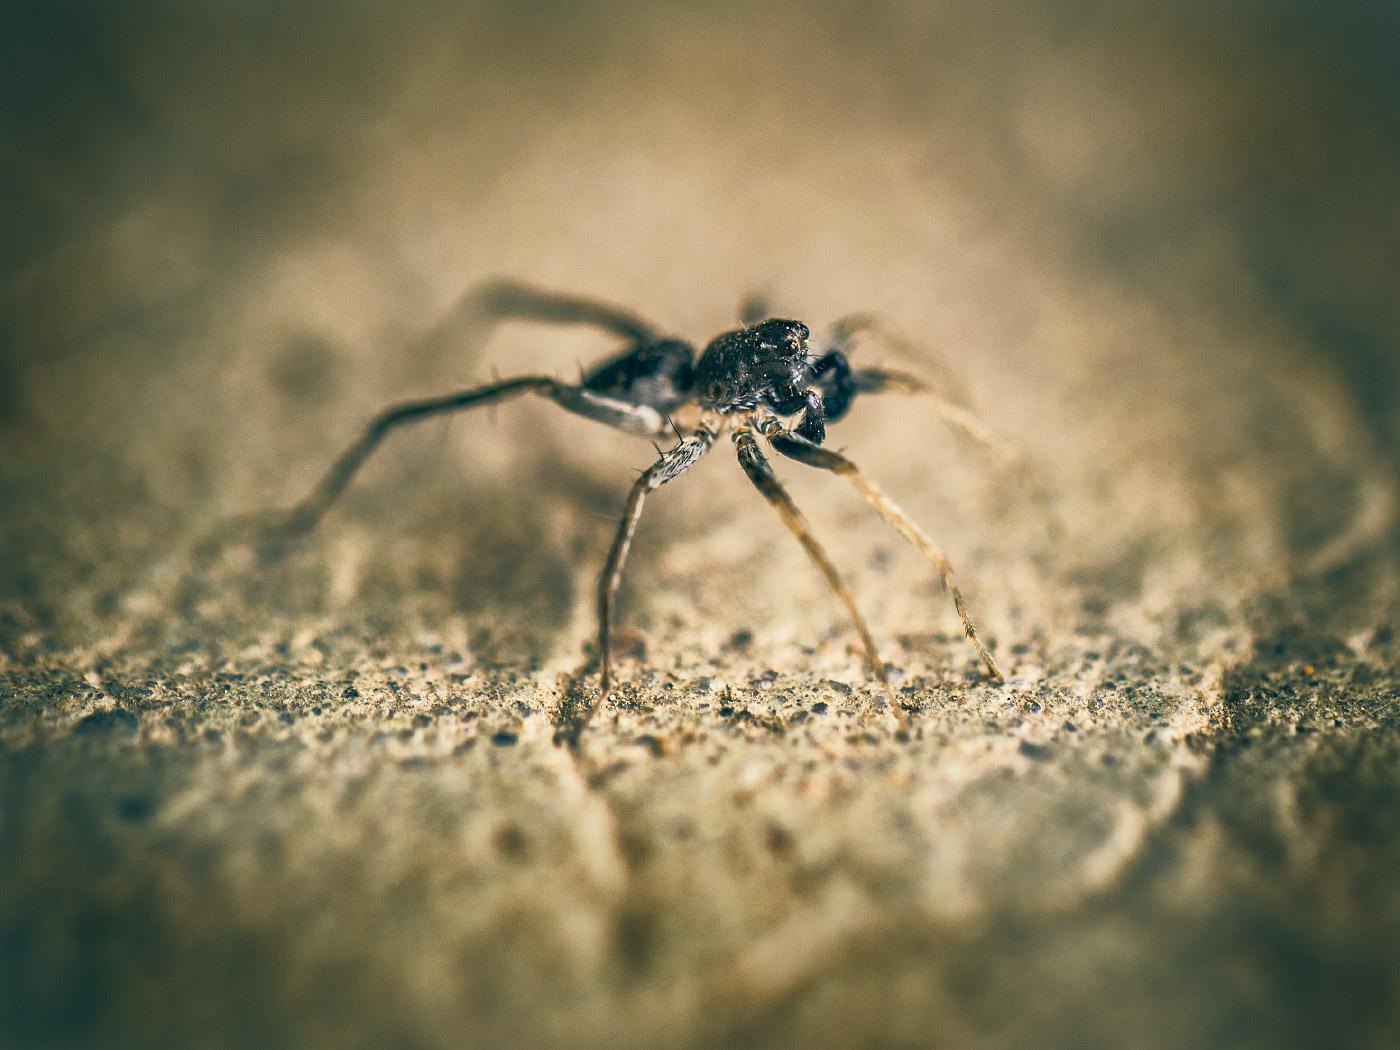 Zastrow skinny spider